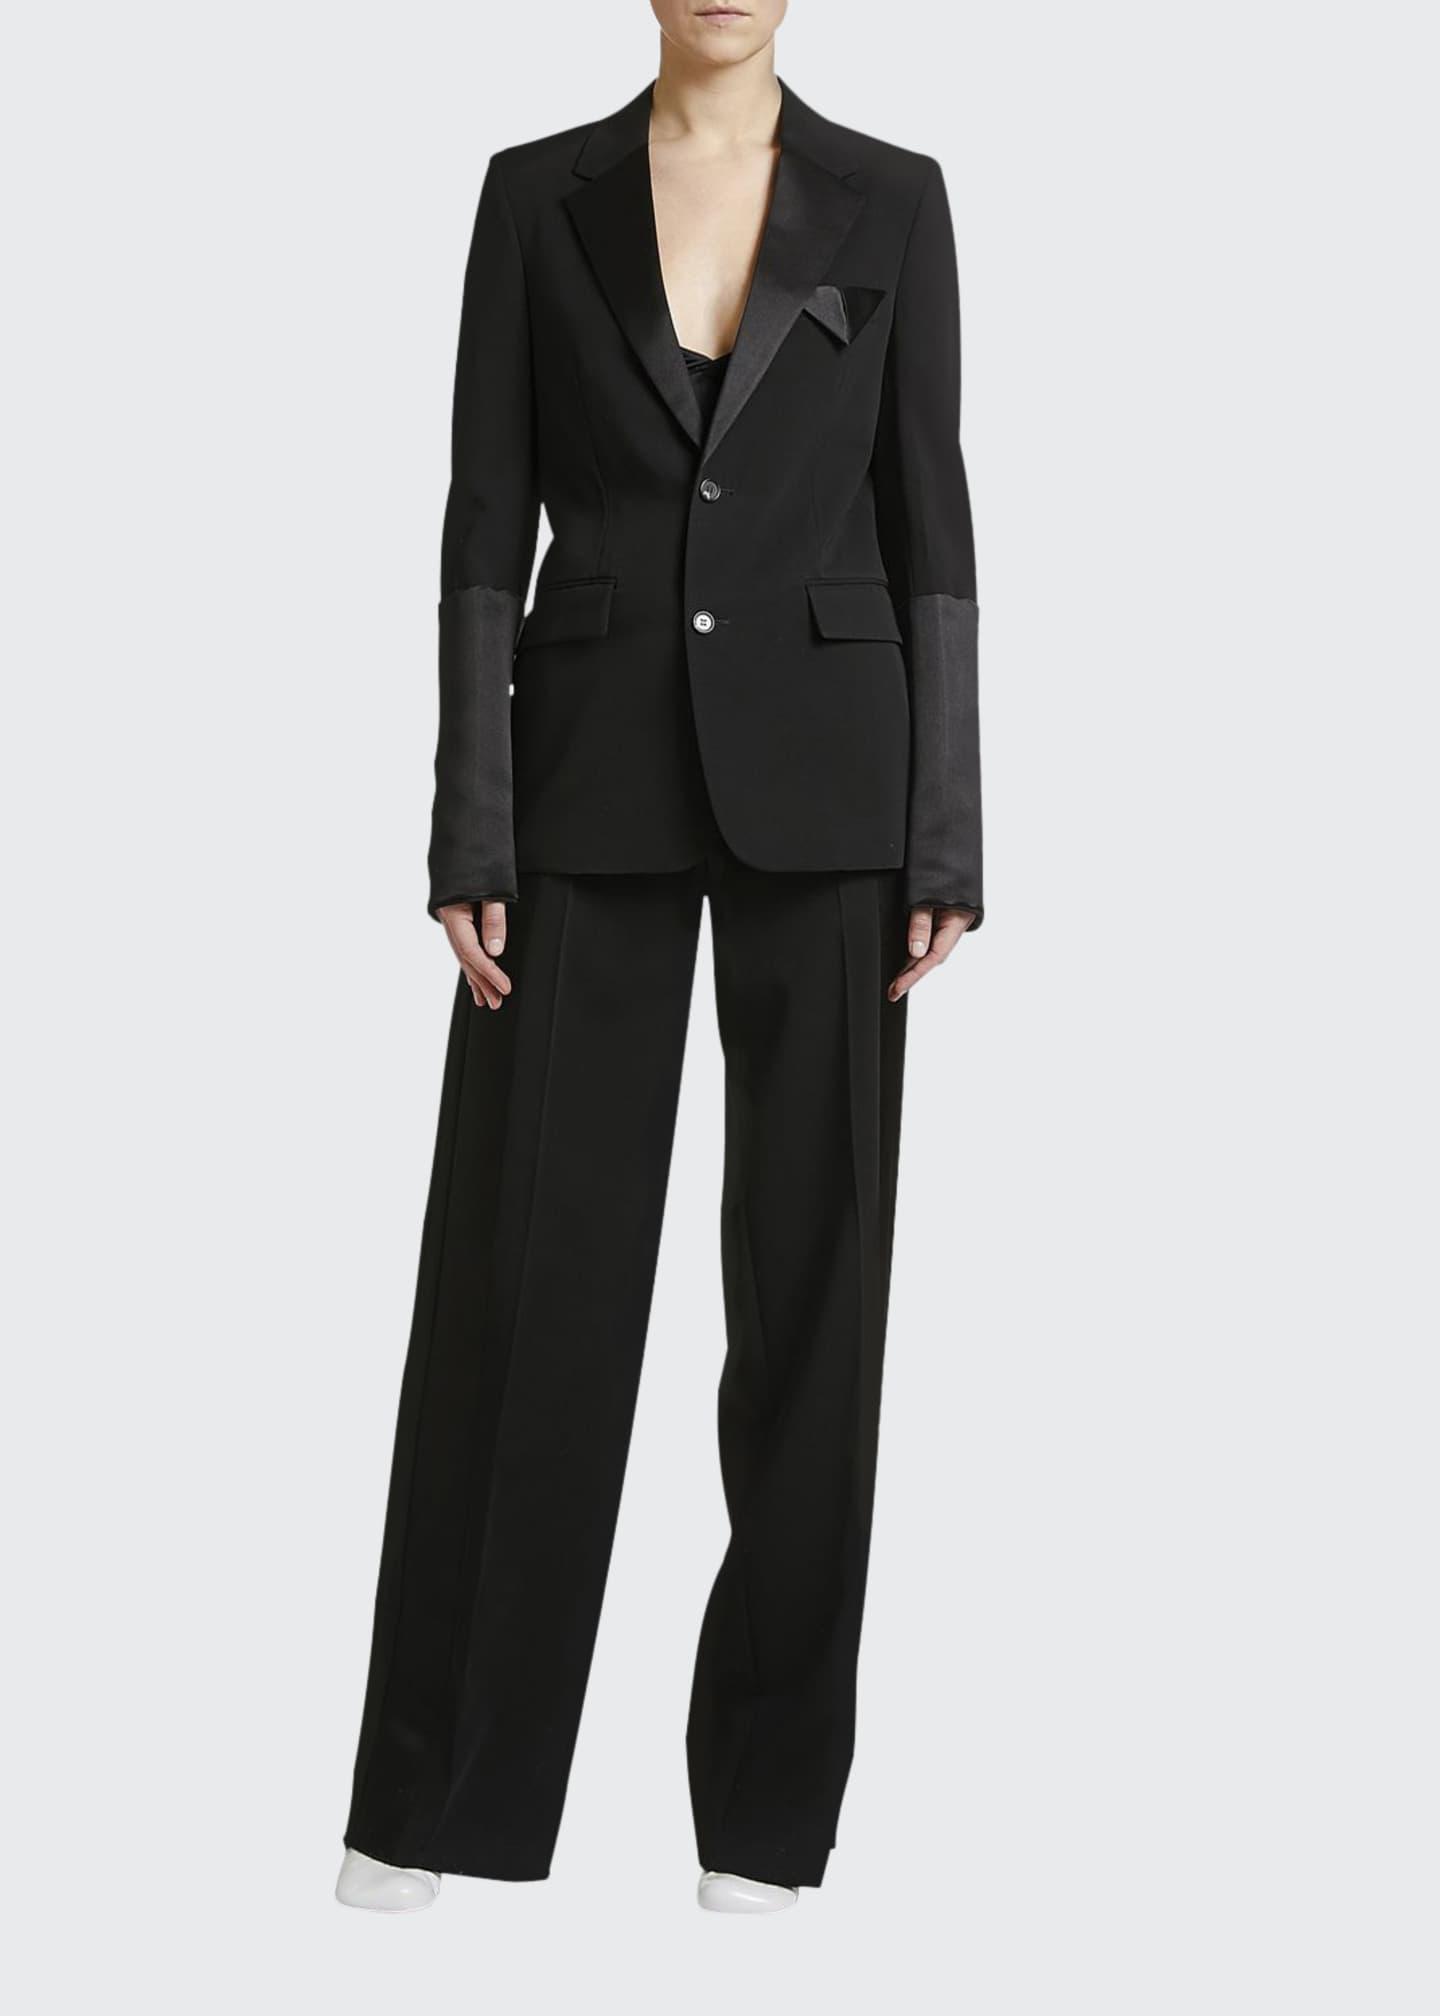 Bottega Veneta Elastic-Waist Tux Jacket